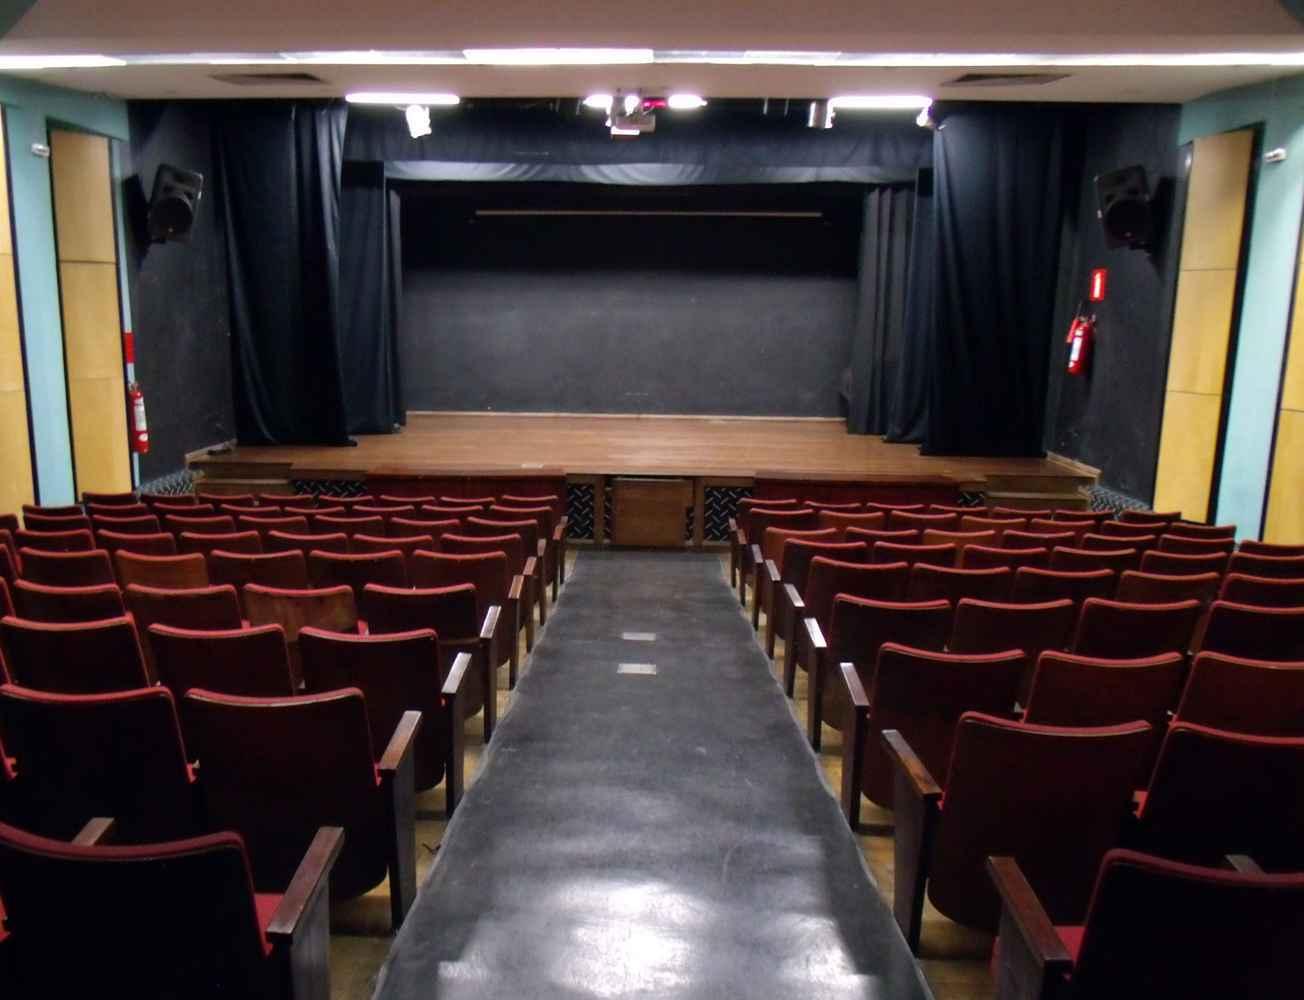 Auditório do Centro Cultural UFMG, que mantém programação regular de exibição de filmes clássicos